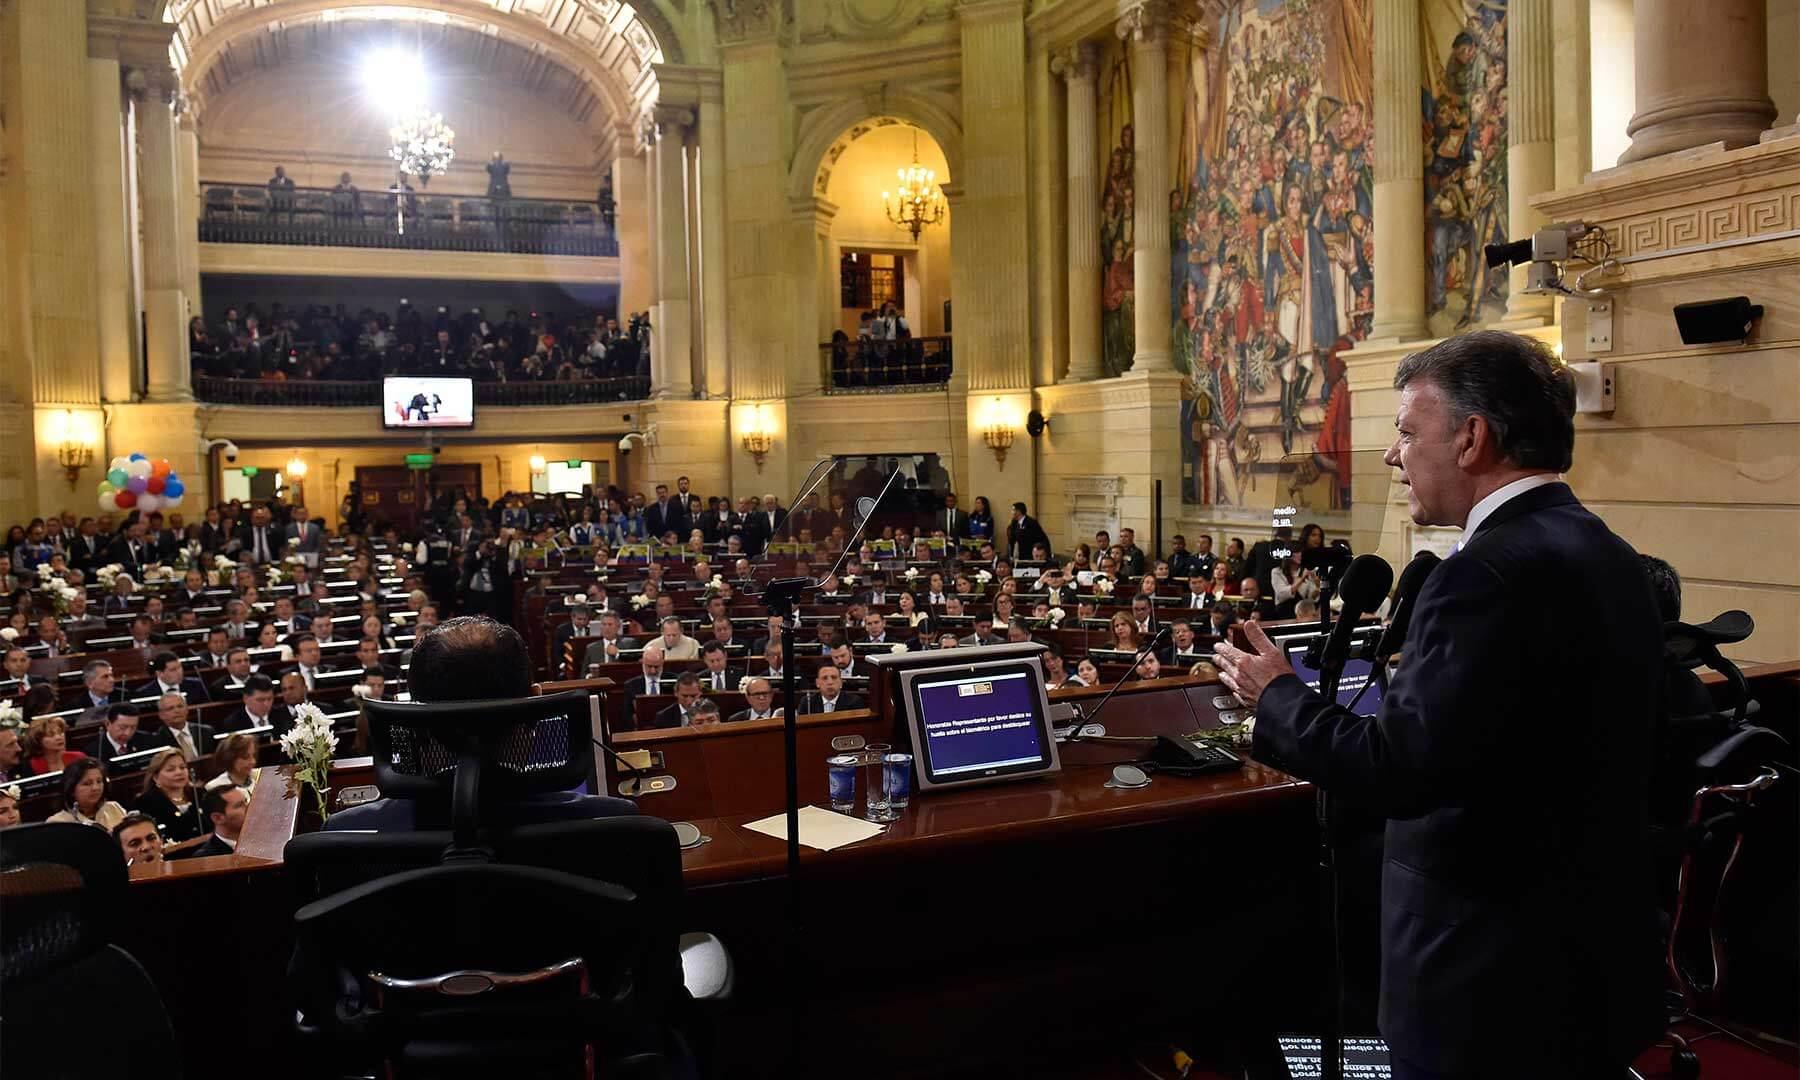 Las leyes urgentes que tramitará el Congreso ahora que la Corte aprobó el 'fast track'